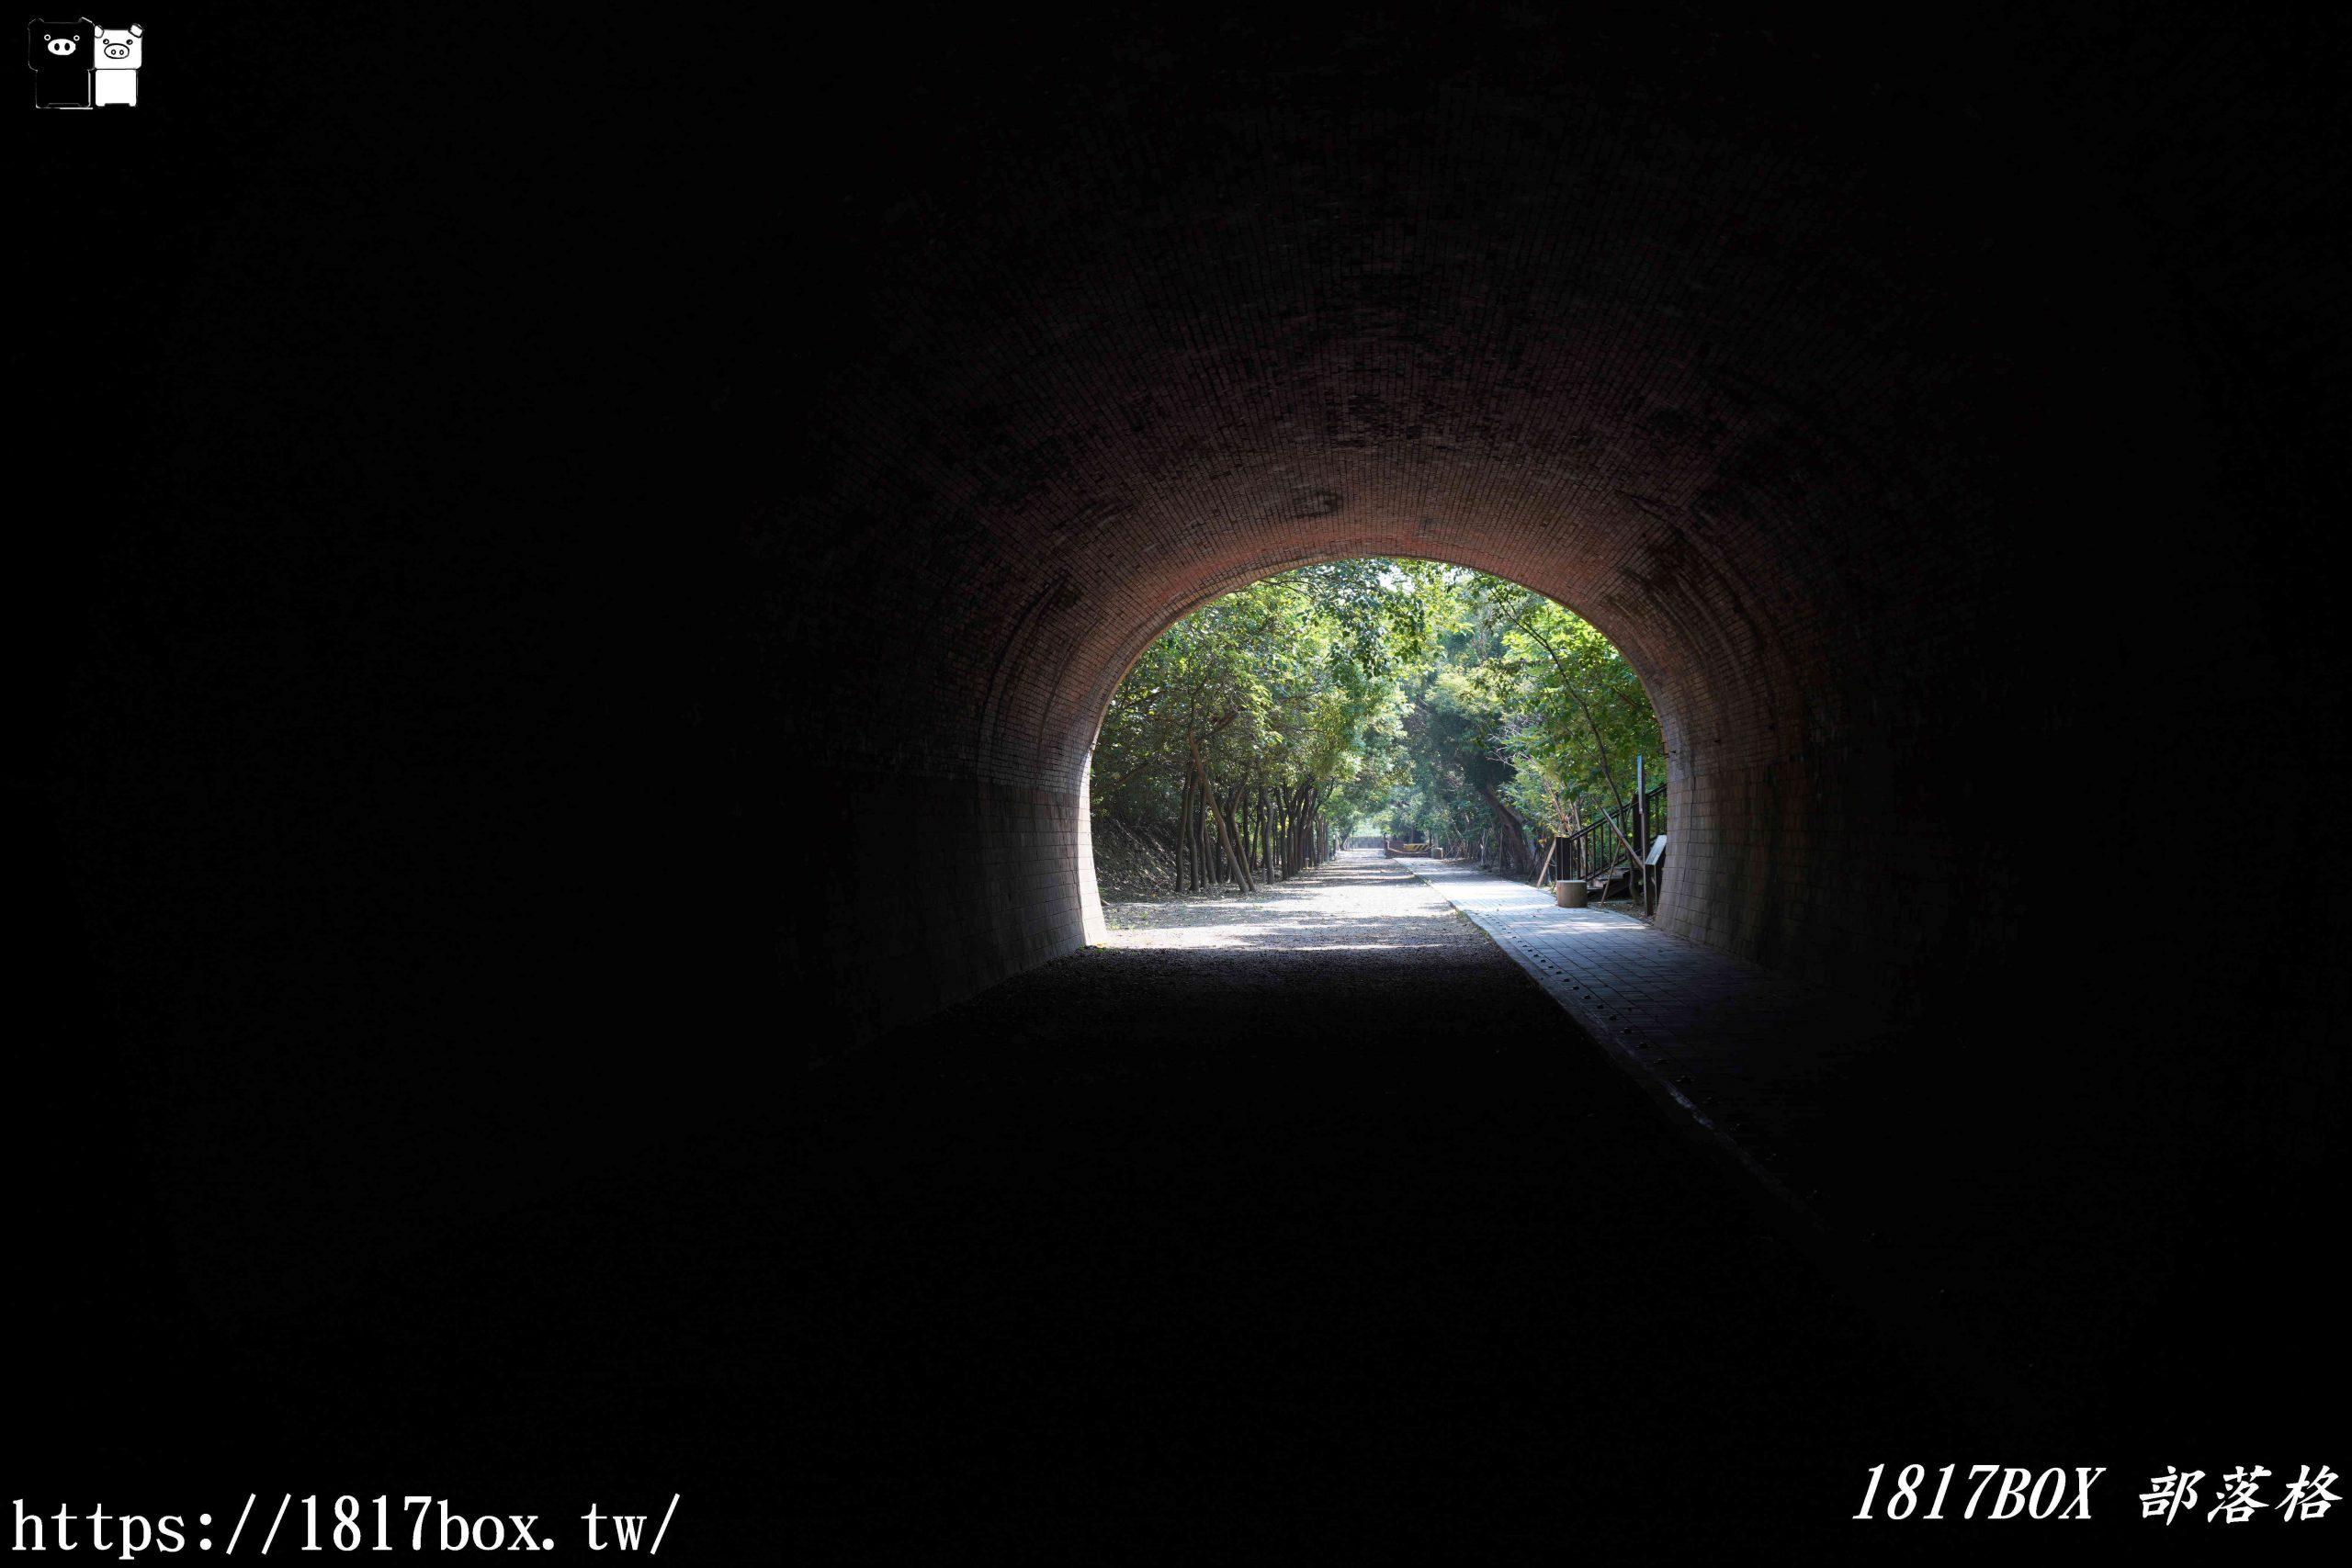 【苗栗。竹南】崎頂子母隧道。苗栗唯一的鐵路雙線子母舊隧道。日系動漫神隱少女場景 @1817BOX部落格